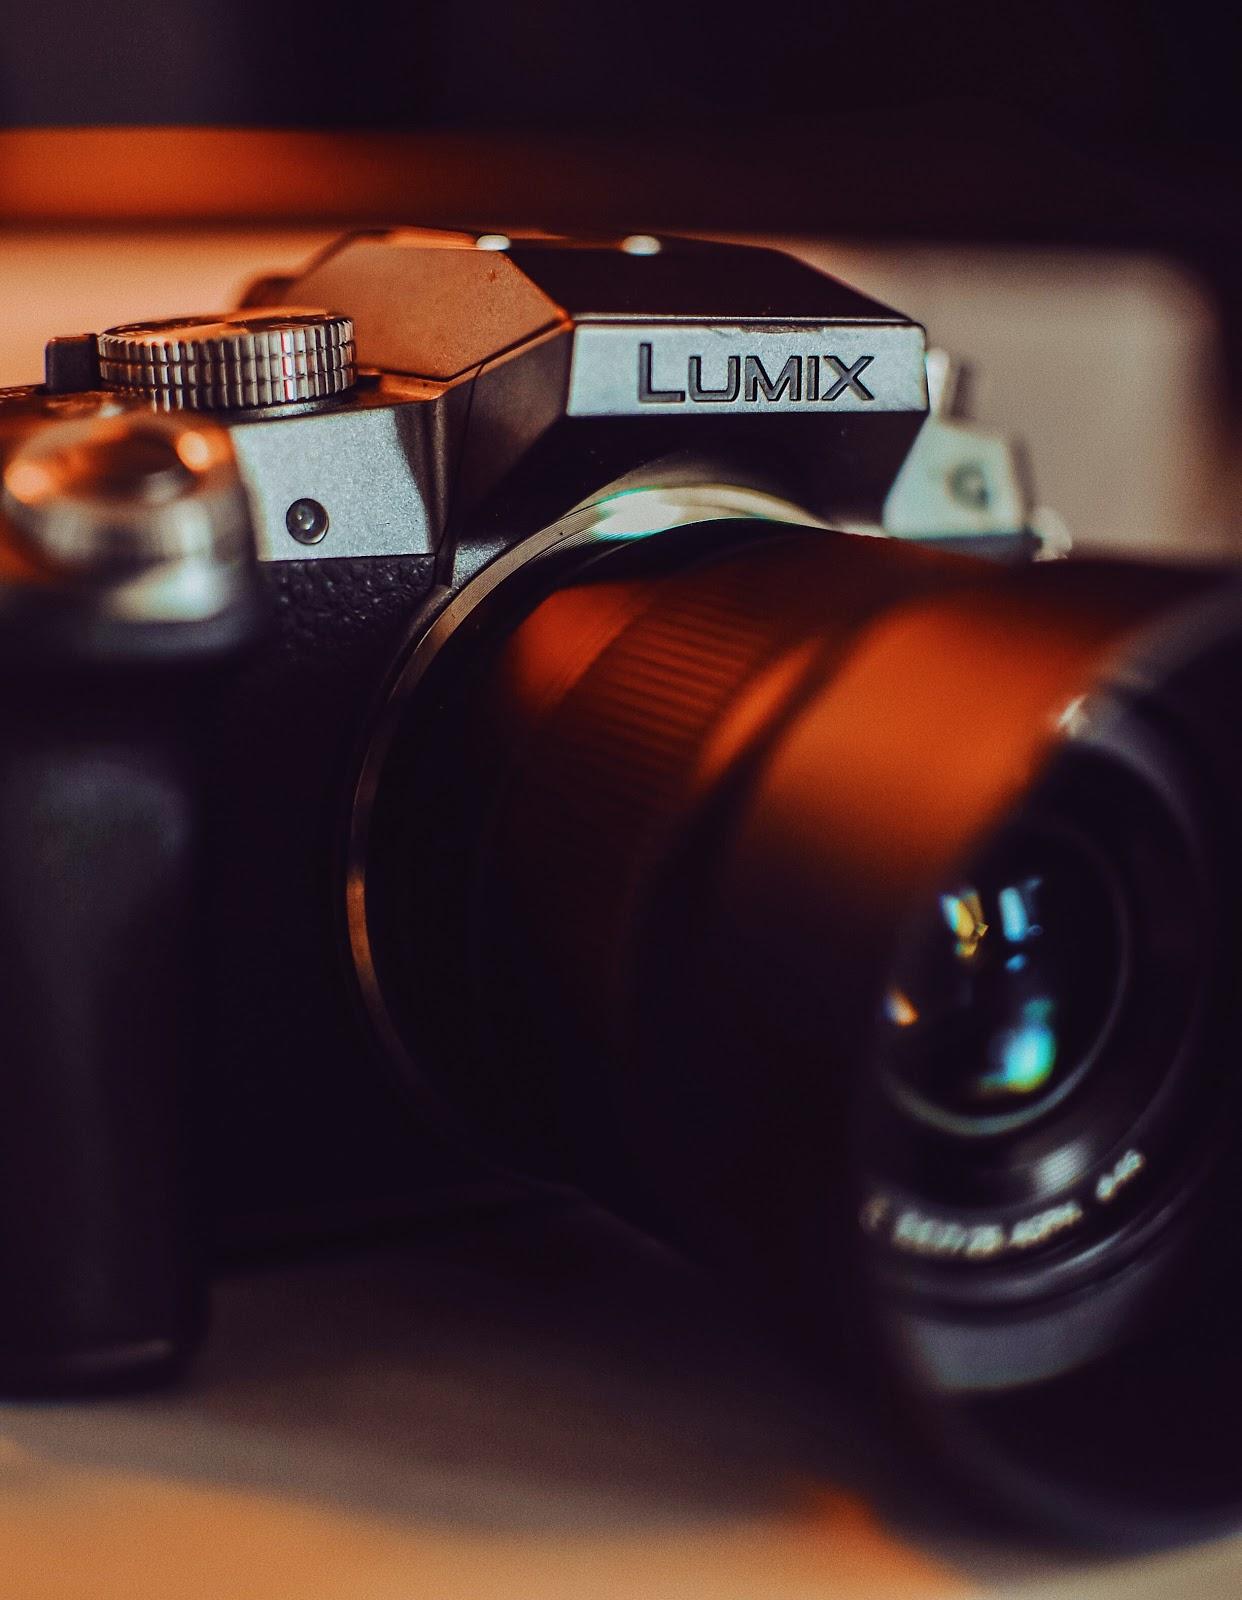 Bei Panasonic wird ordentlich Community-Pflege für LUMIX betrieben